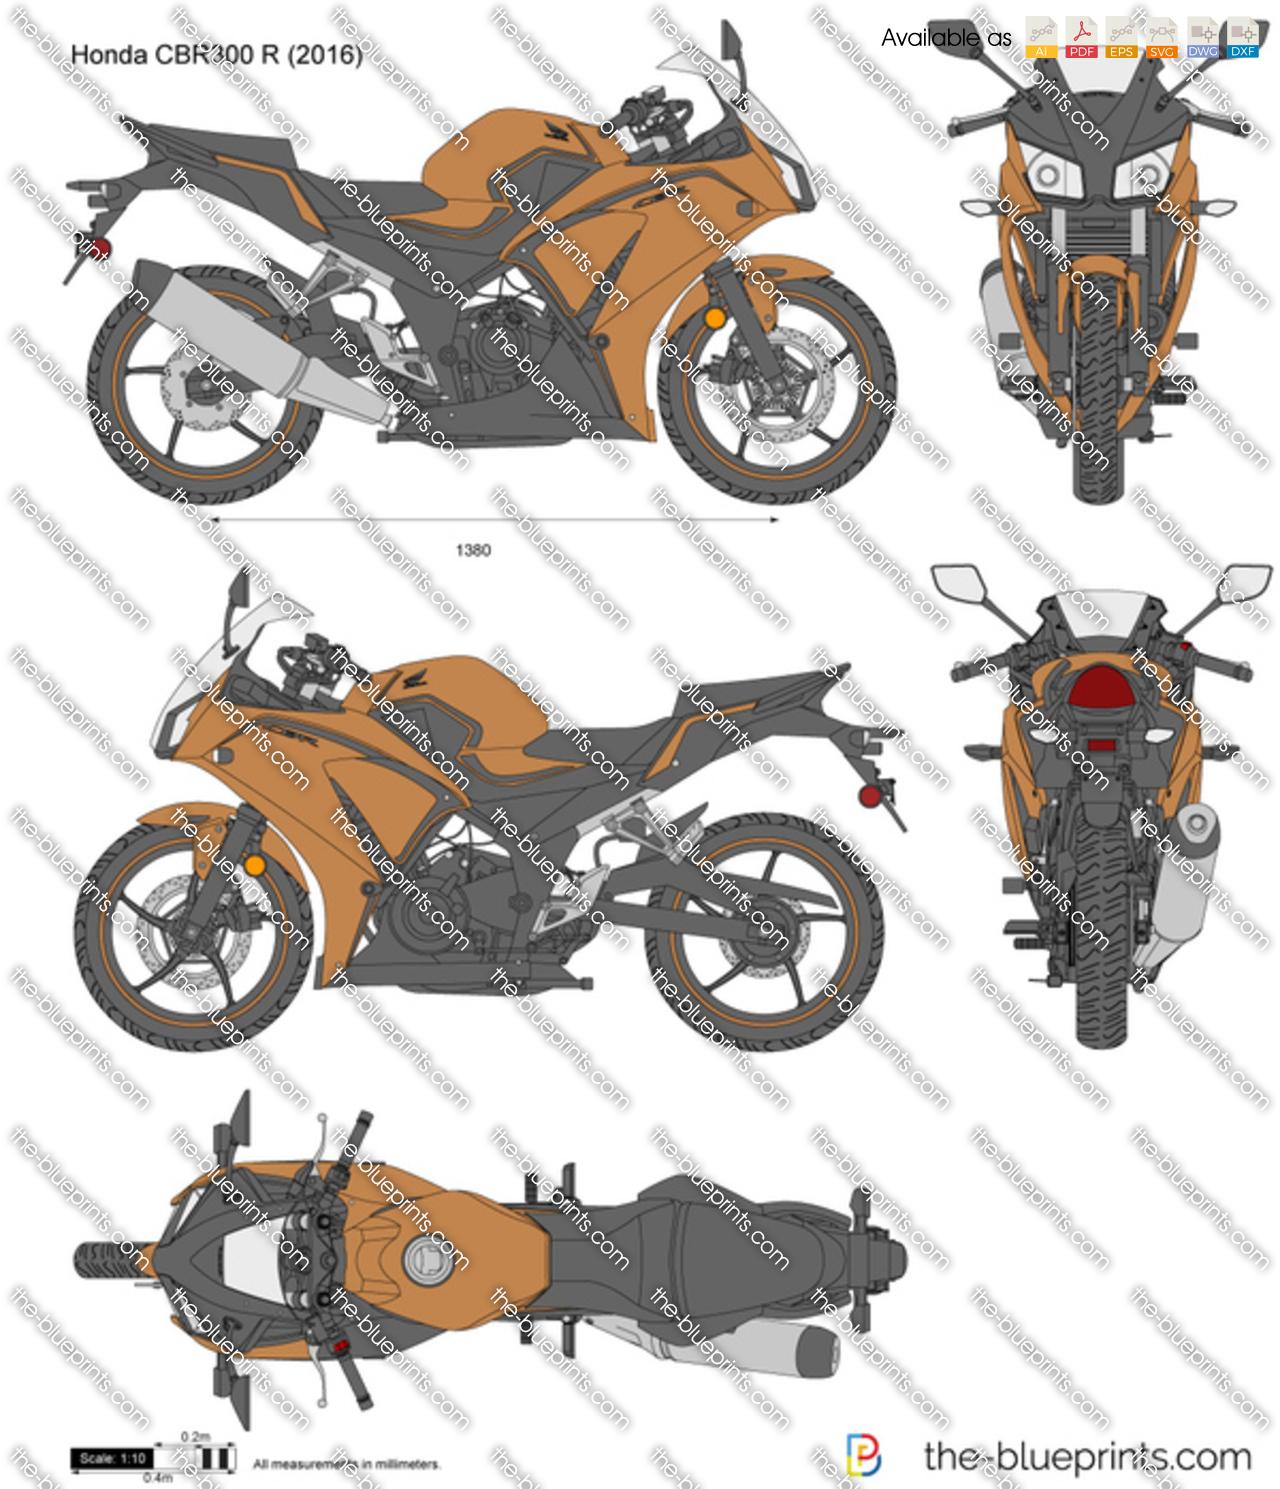 Honda CBR300 R 2017